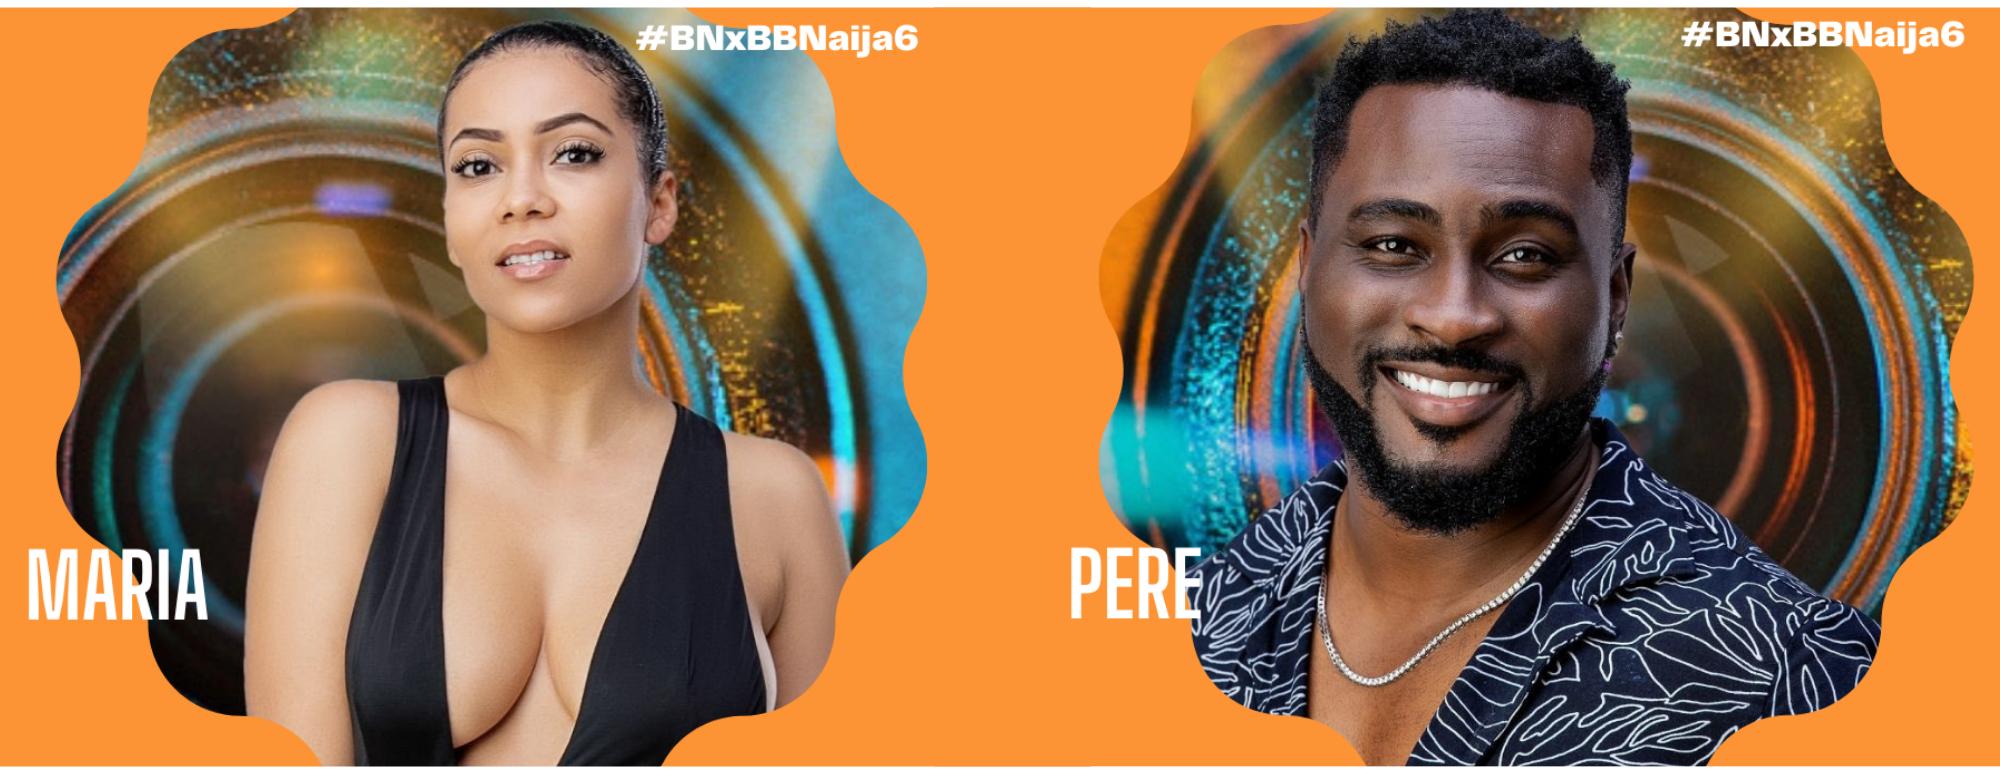 Maria & Pere are the #BBNaija Season 6 Wildcards